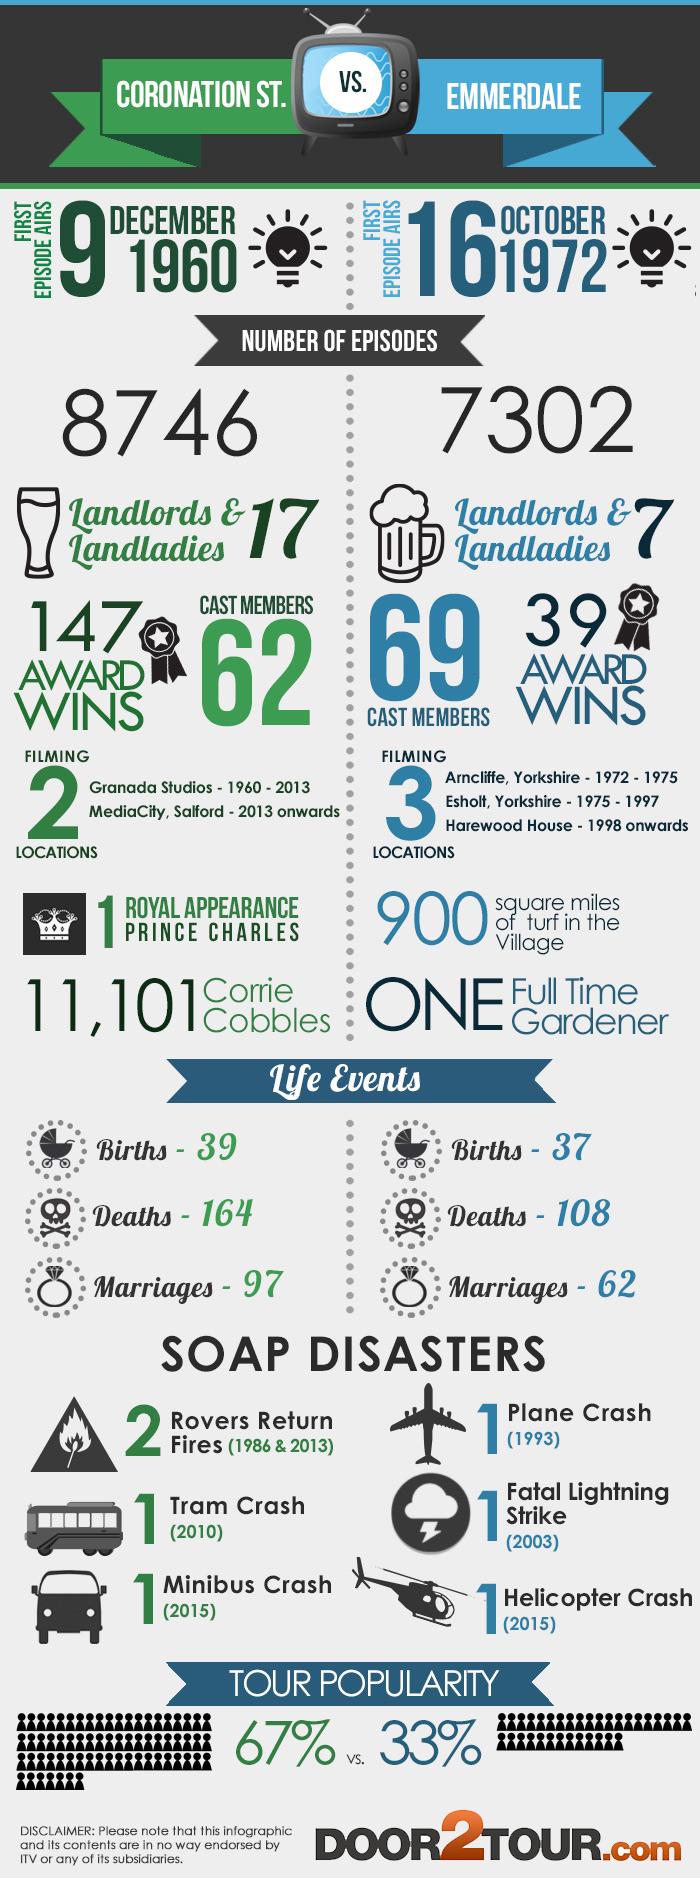 Door2Tour Infographic Corrie vs Emmerdale